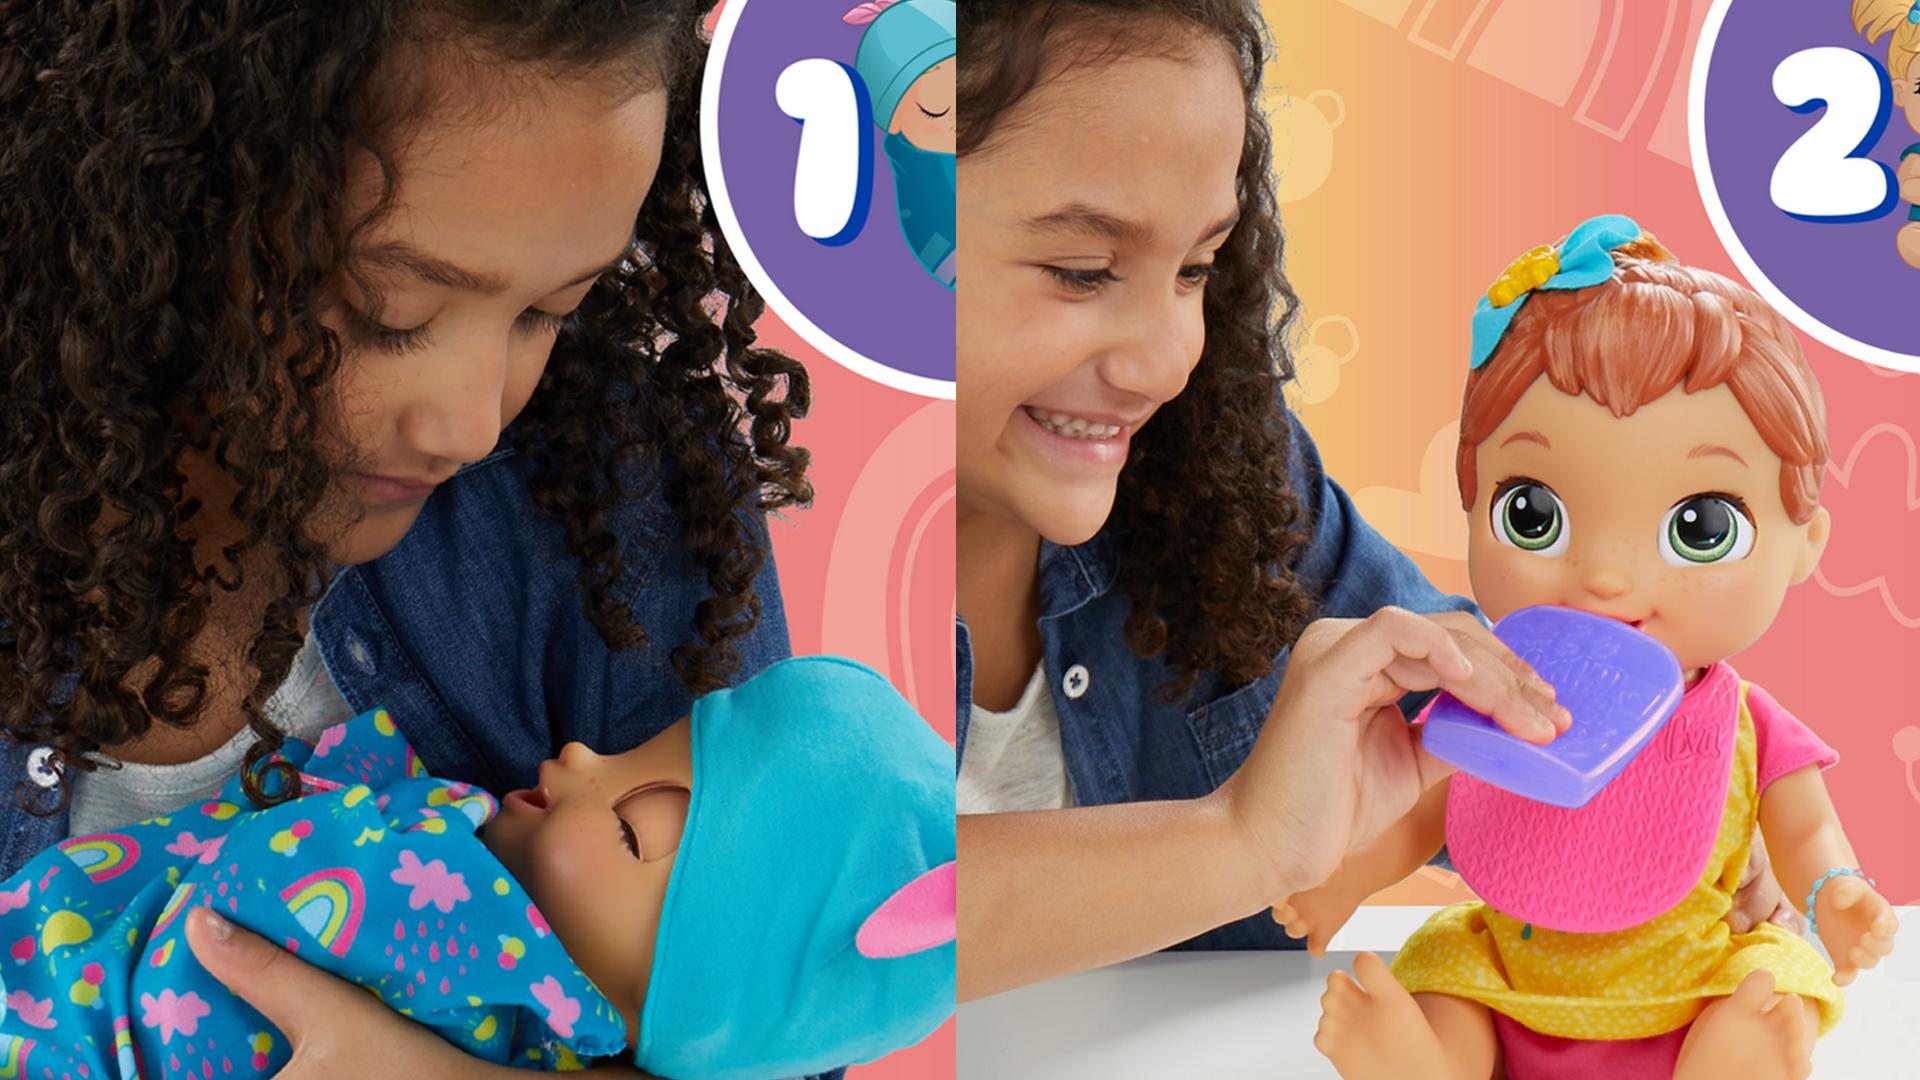 Concurso | ¡Participa por una muñeca Baby Grows Up de Hasbro!